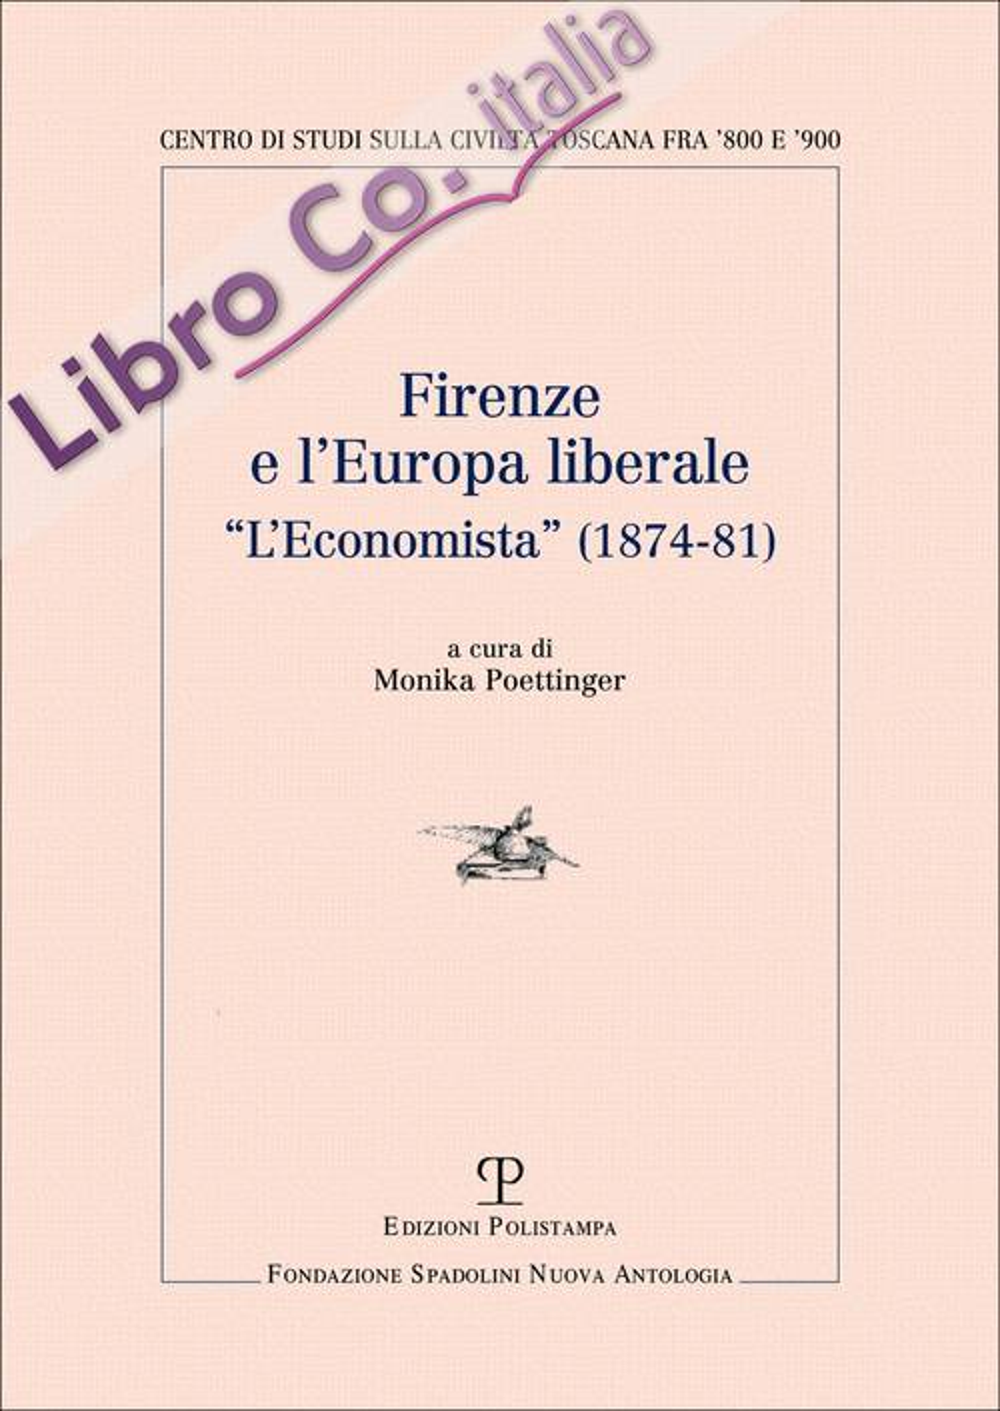 Firenze e l'Europa liberale. L'Economista (1874-81)